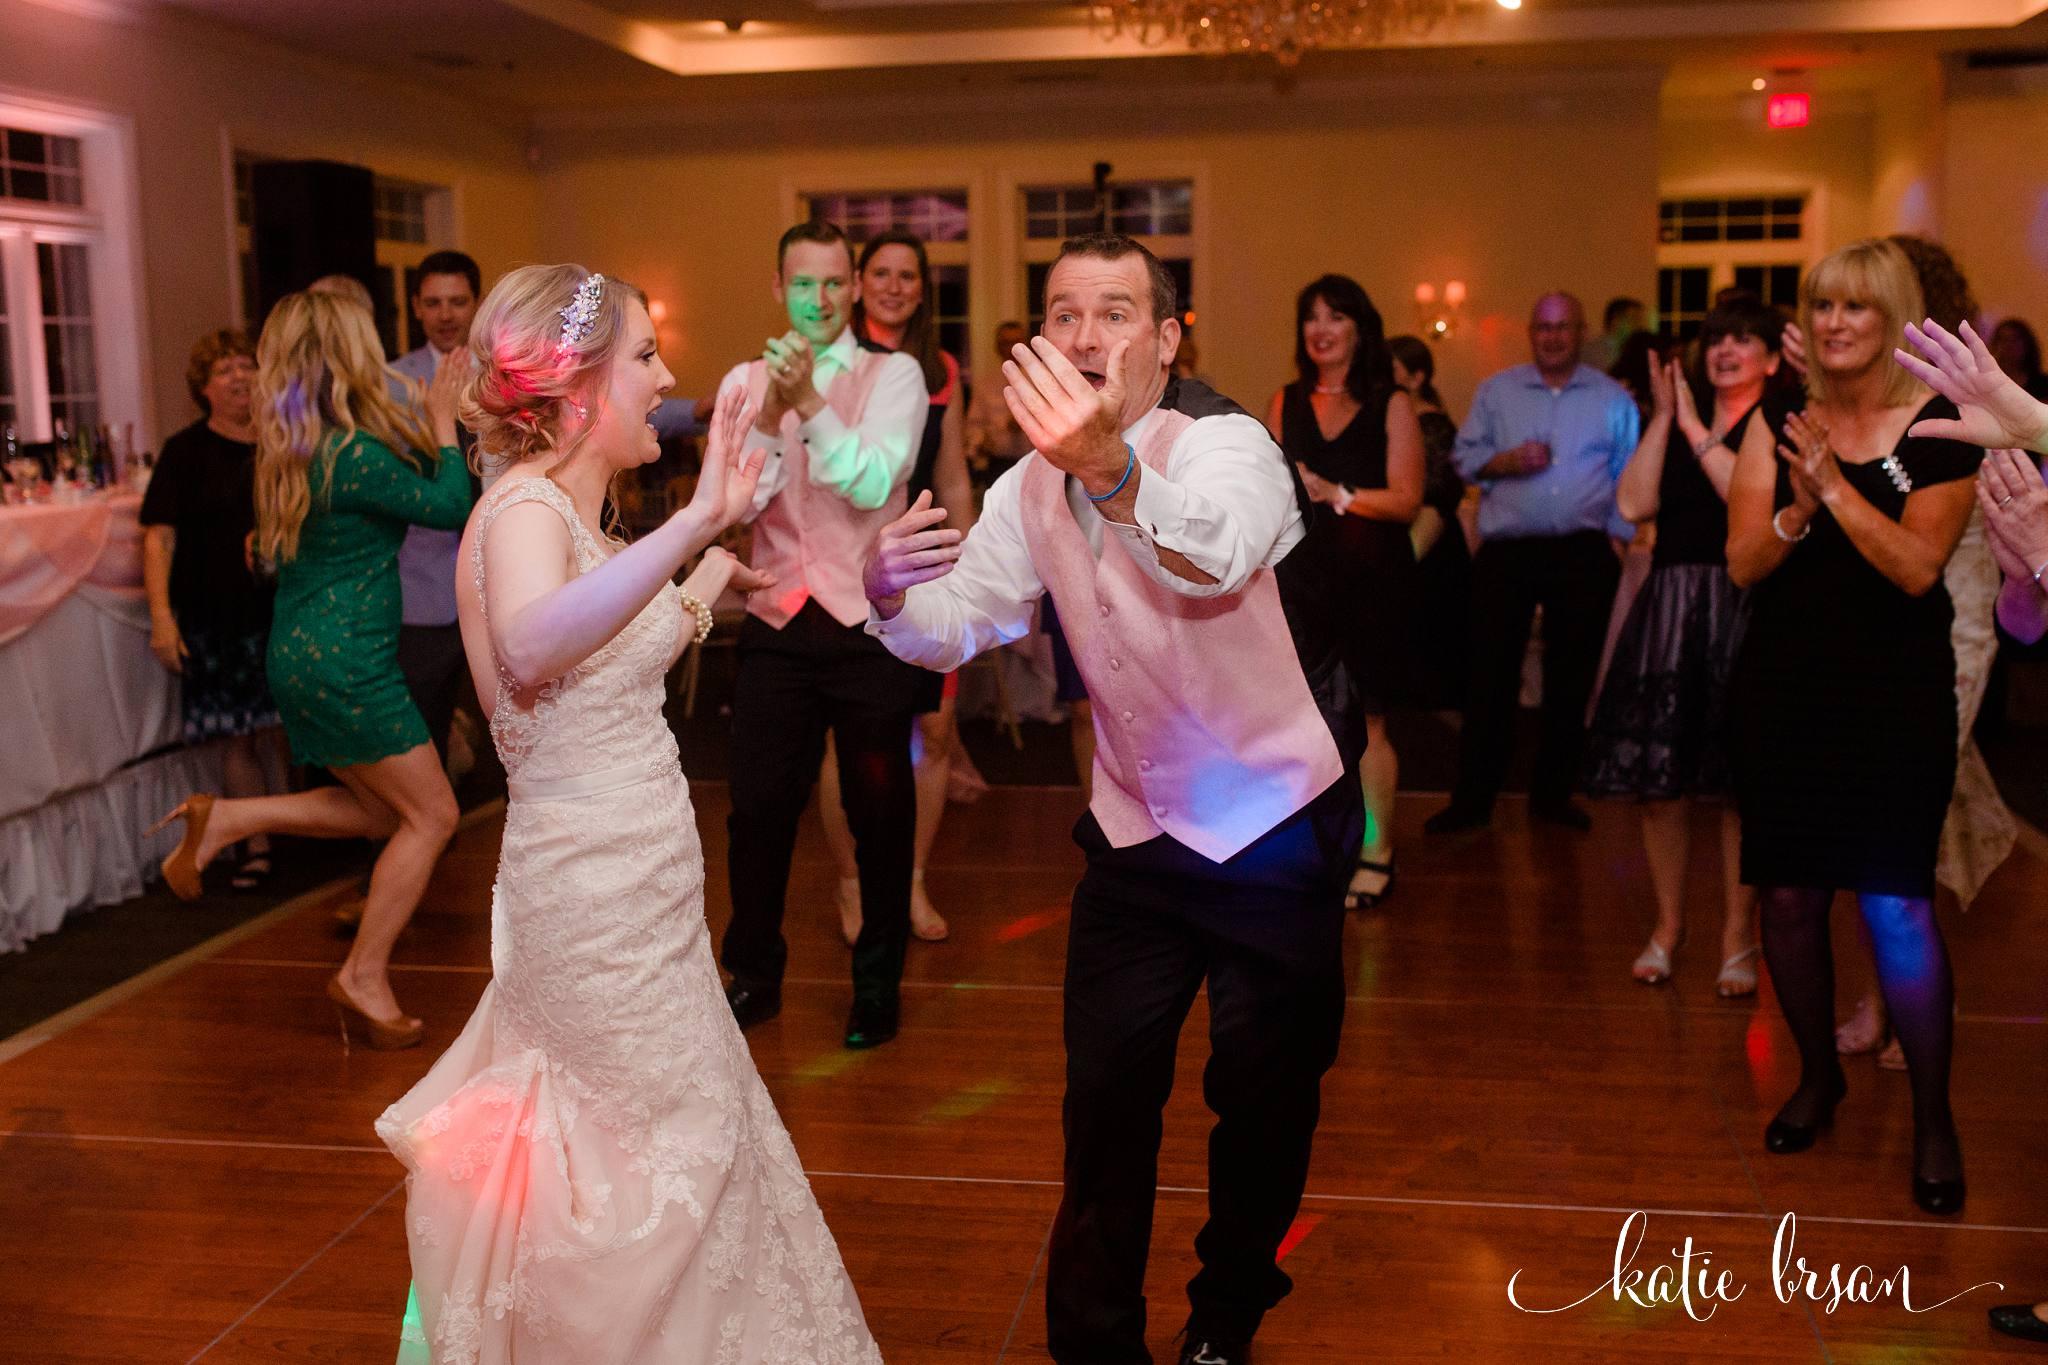 Mokena_Lemont_Wedding_Ruffled_Feathers_Wedding_1456.jpg